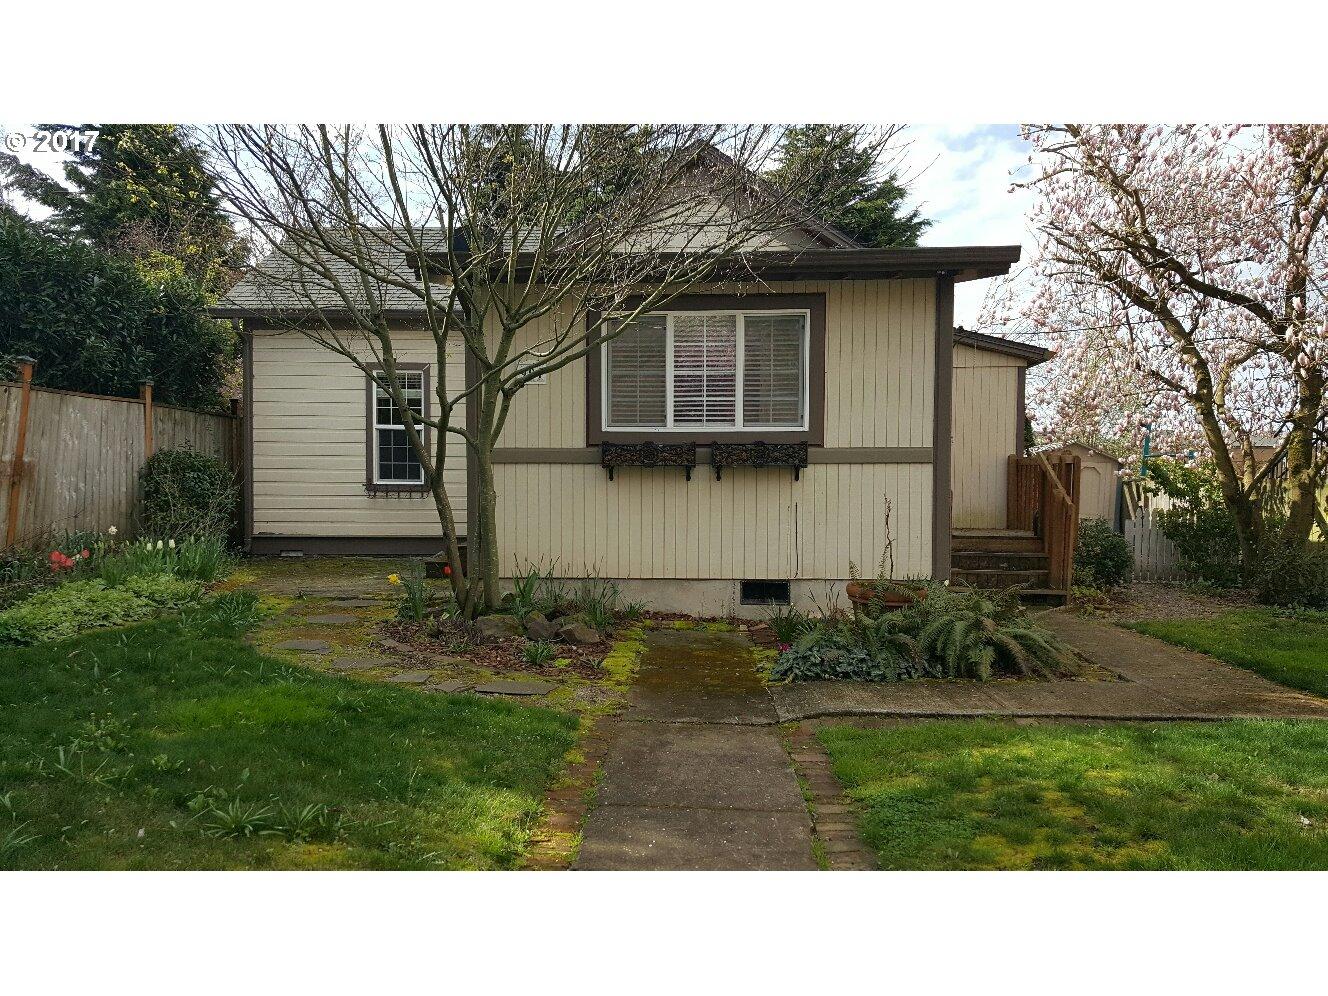 901 W 16TH ST, Vancouver, WA 98660